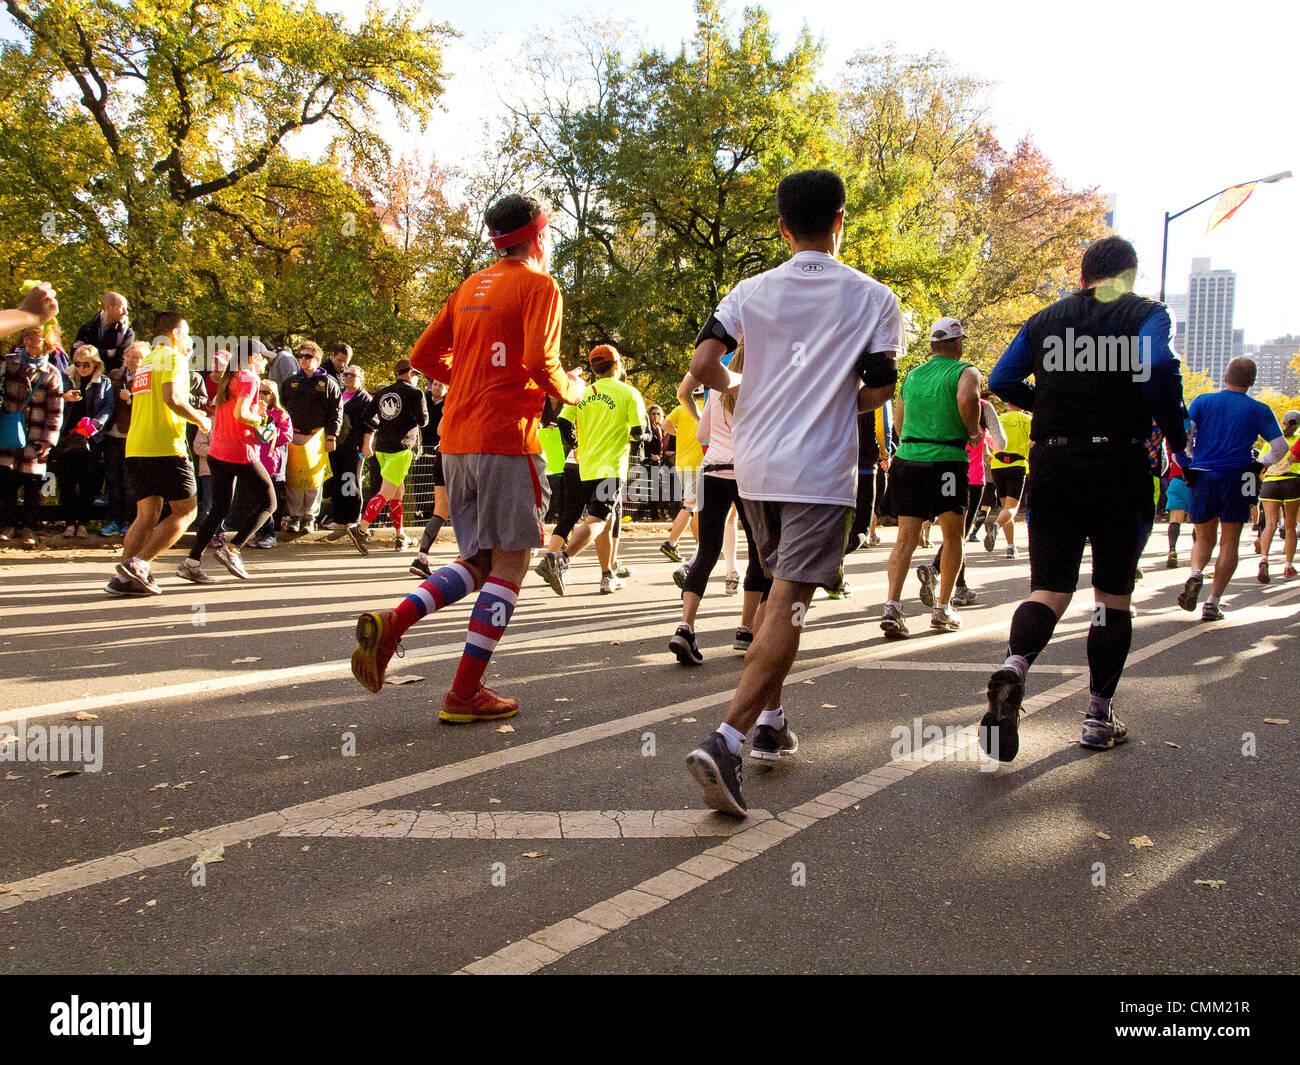 New York, USA. 3 novembre 2013. Marathon de New York 2013. Les coureurs de marathon © Frank Rocco/Alamy Live Photo Stock